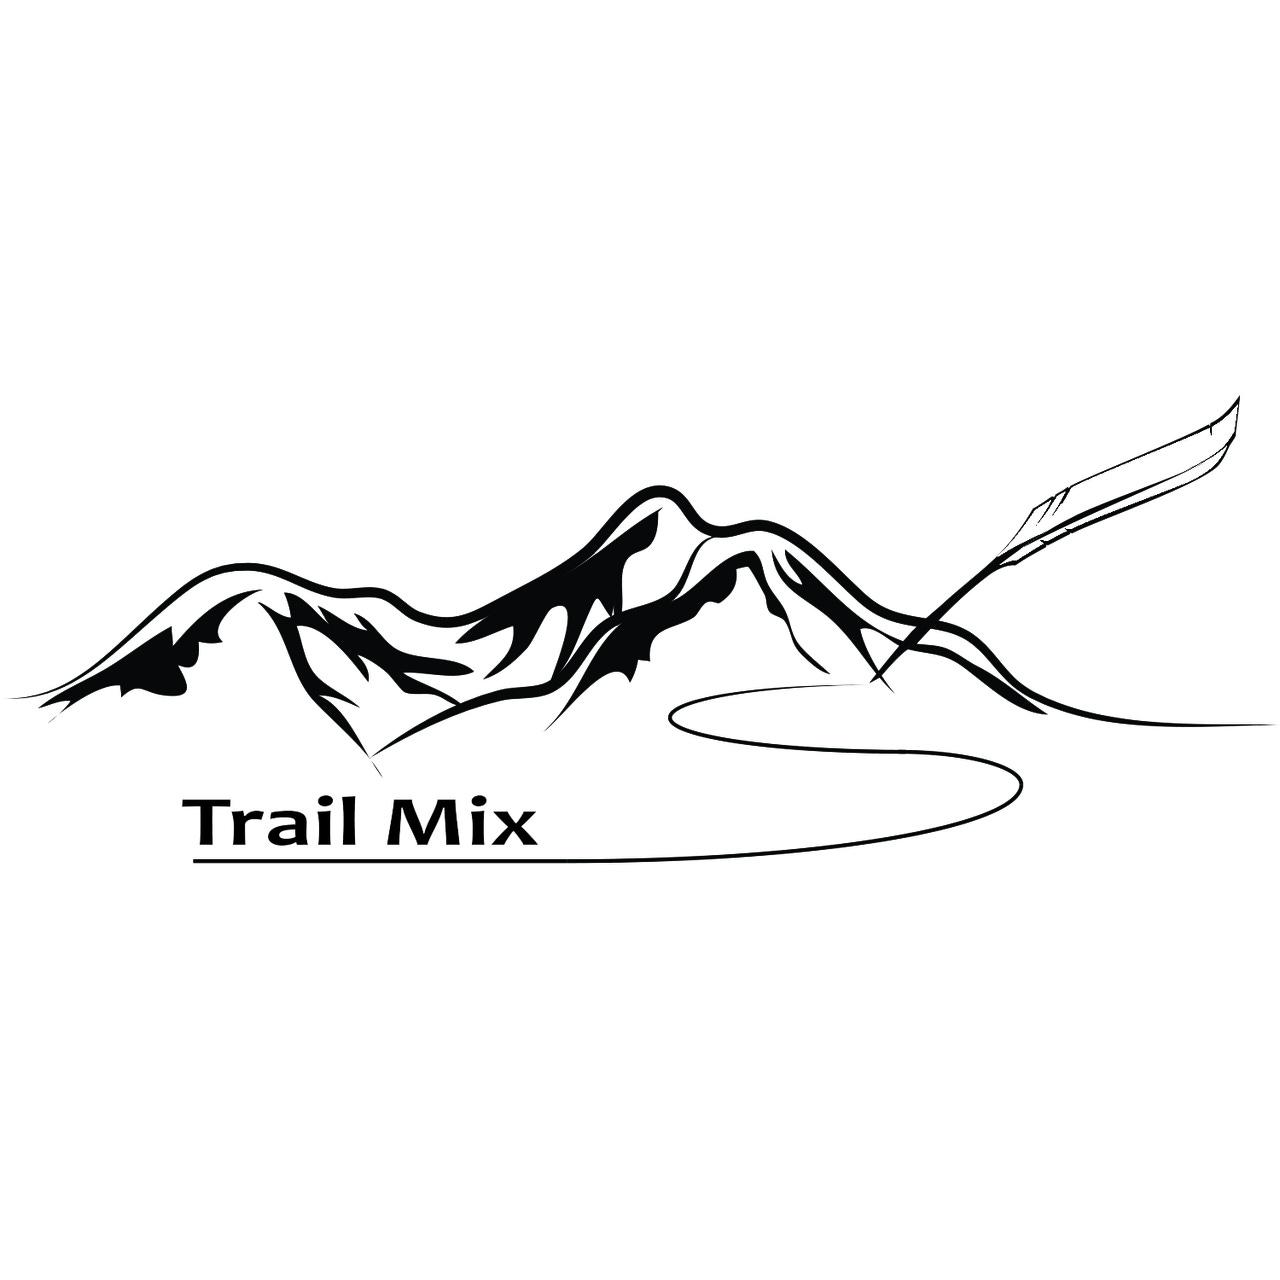 Trail Mix